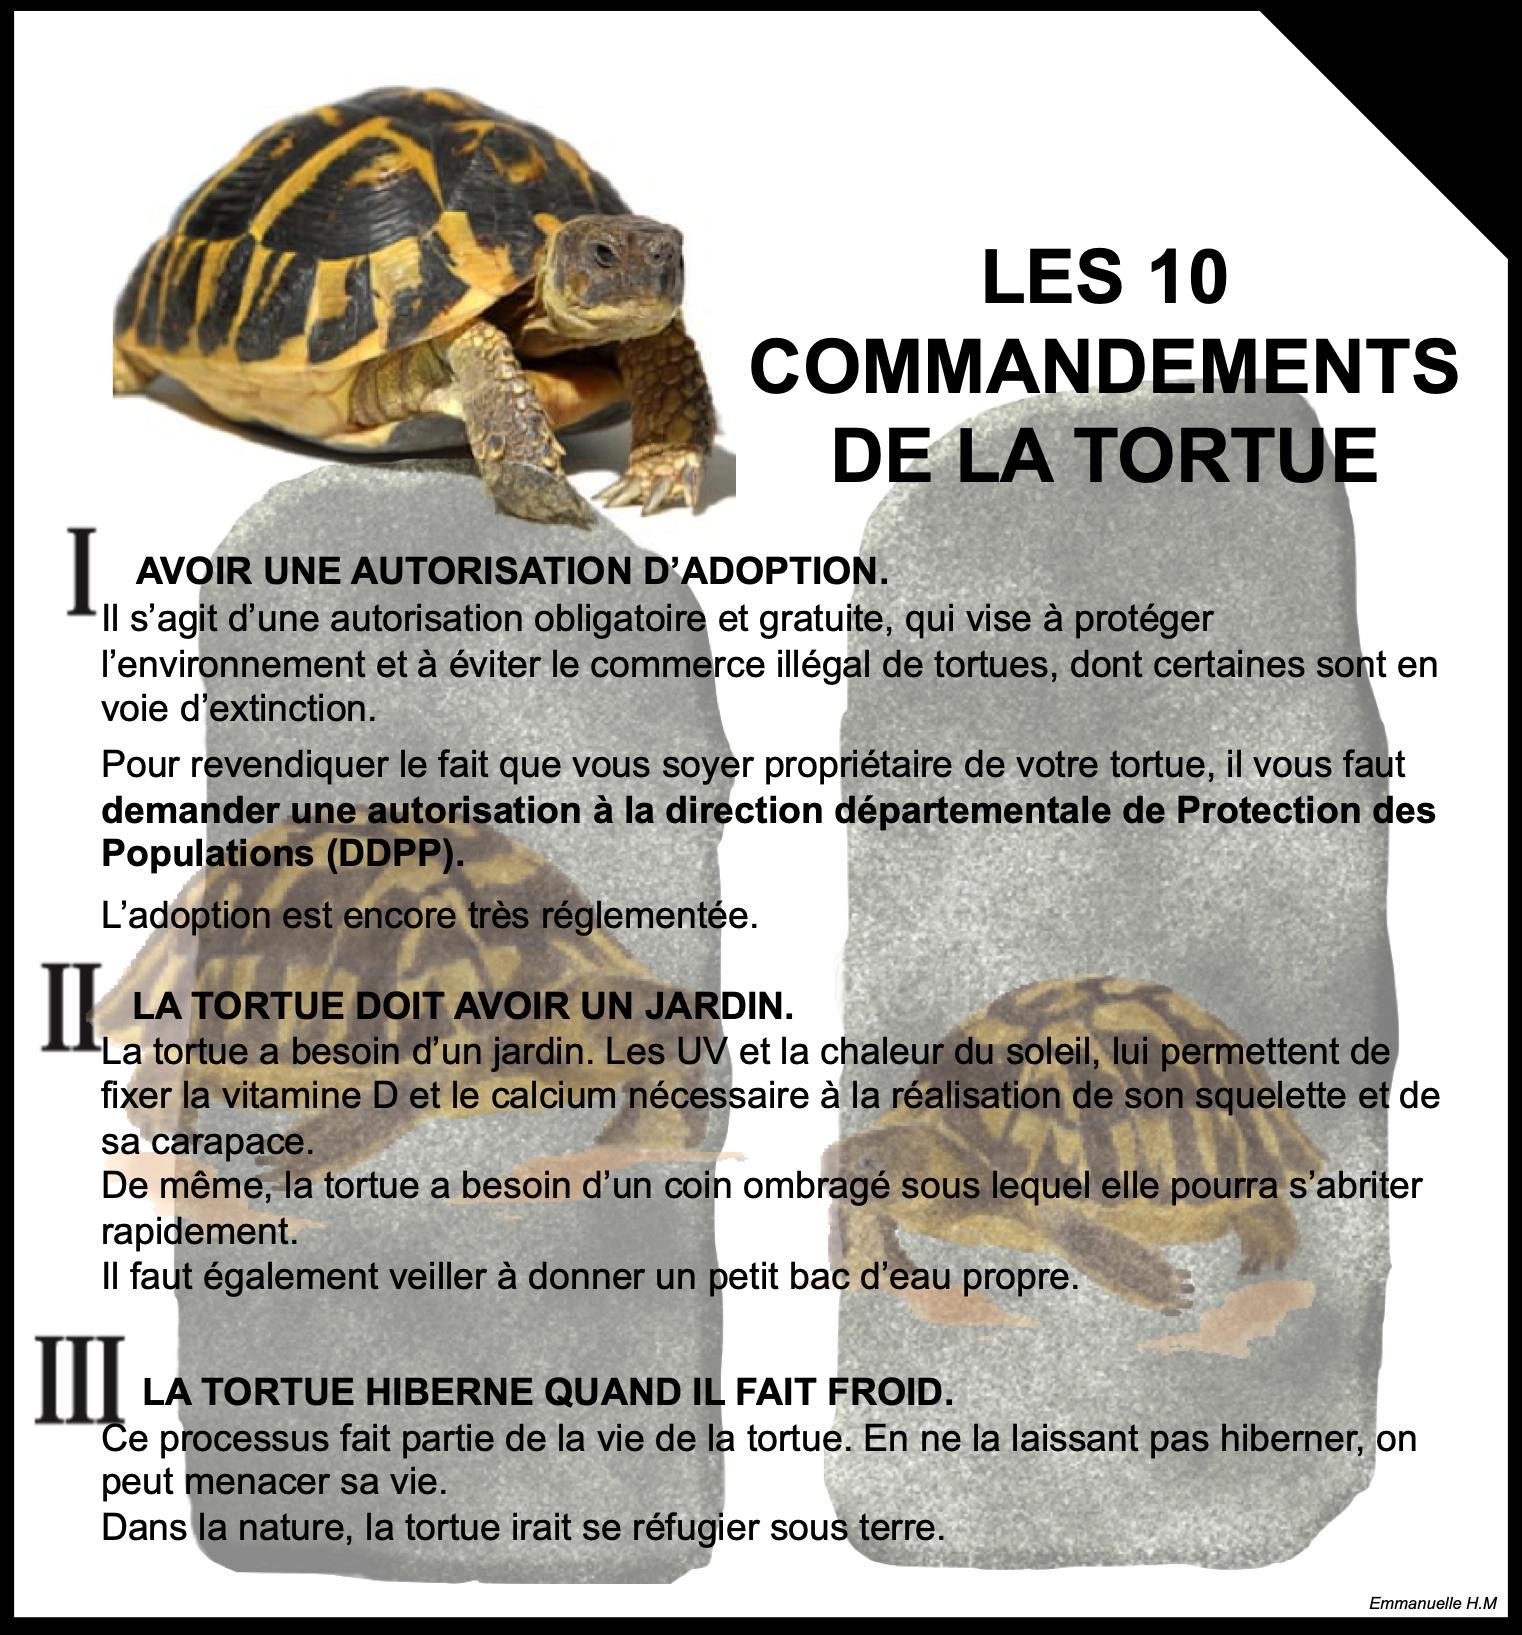 Ce Qu Il Faut Savoir Sur Les Tortues Adopter Une Tortue Les 10 Commandements De La Tortue